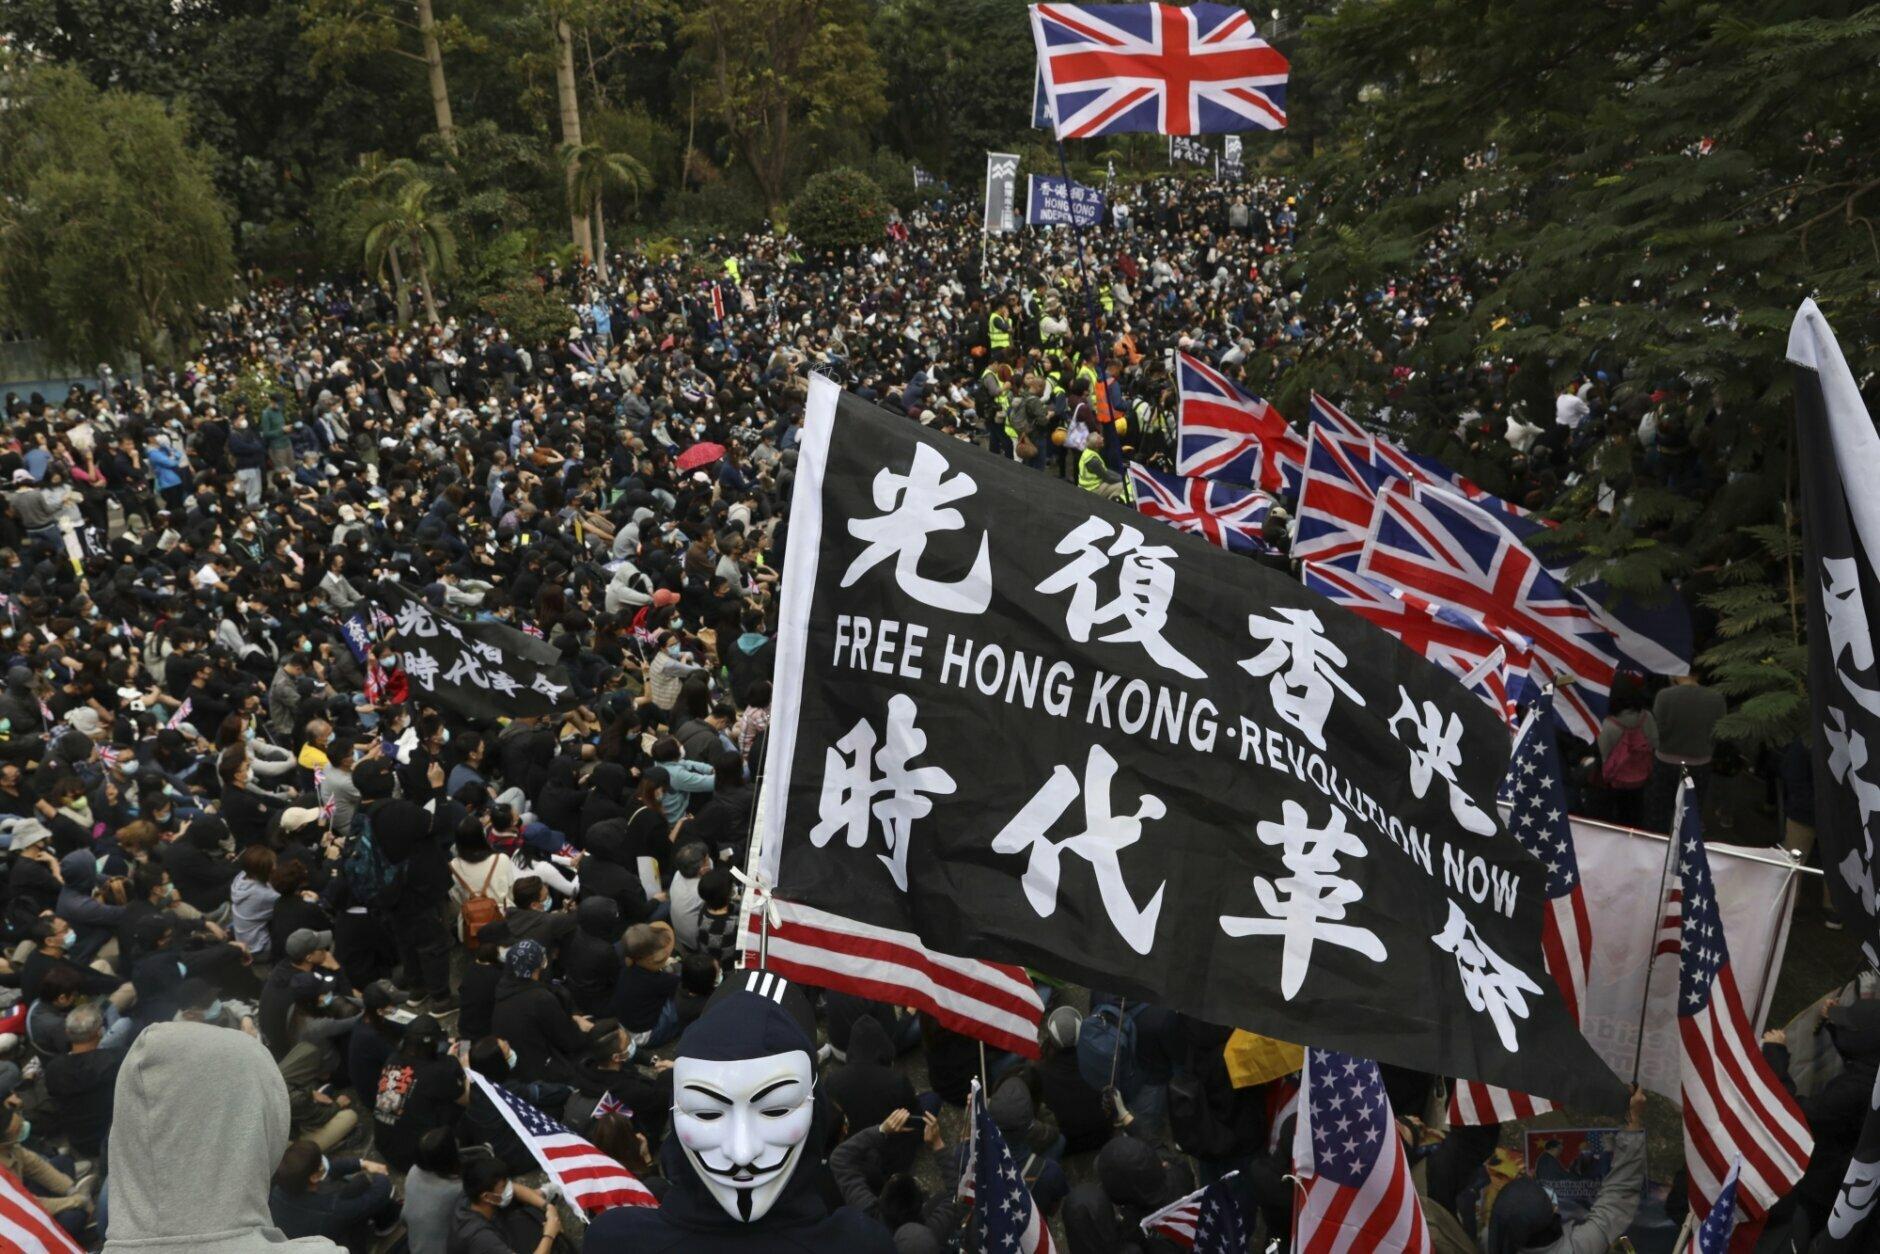 از میناپولیس تا هنگ کنگ؛ نعل وارونه آمریکا بر حقوق بشر